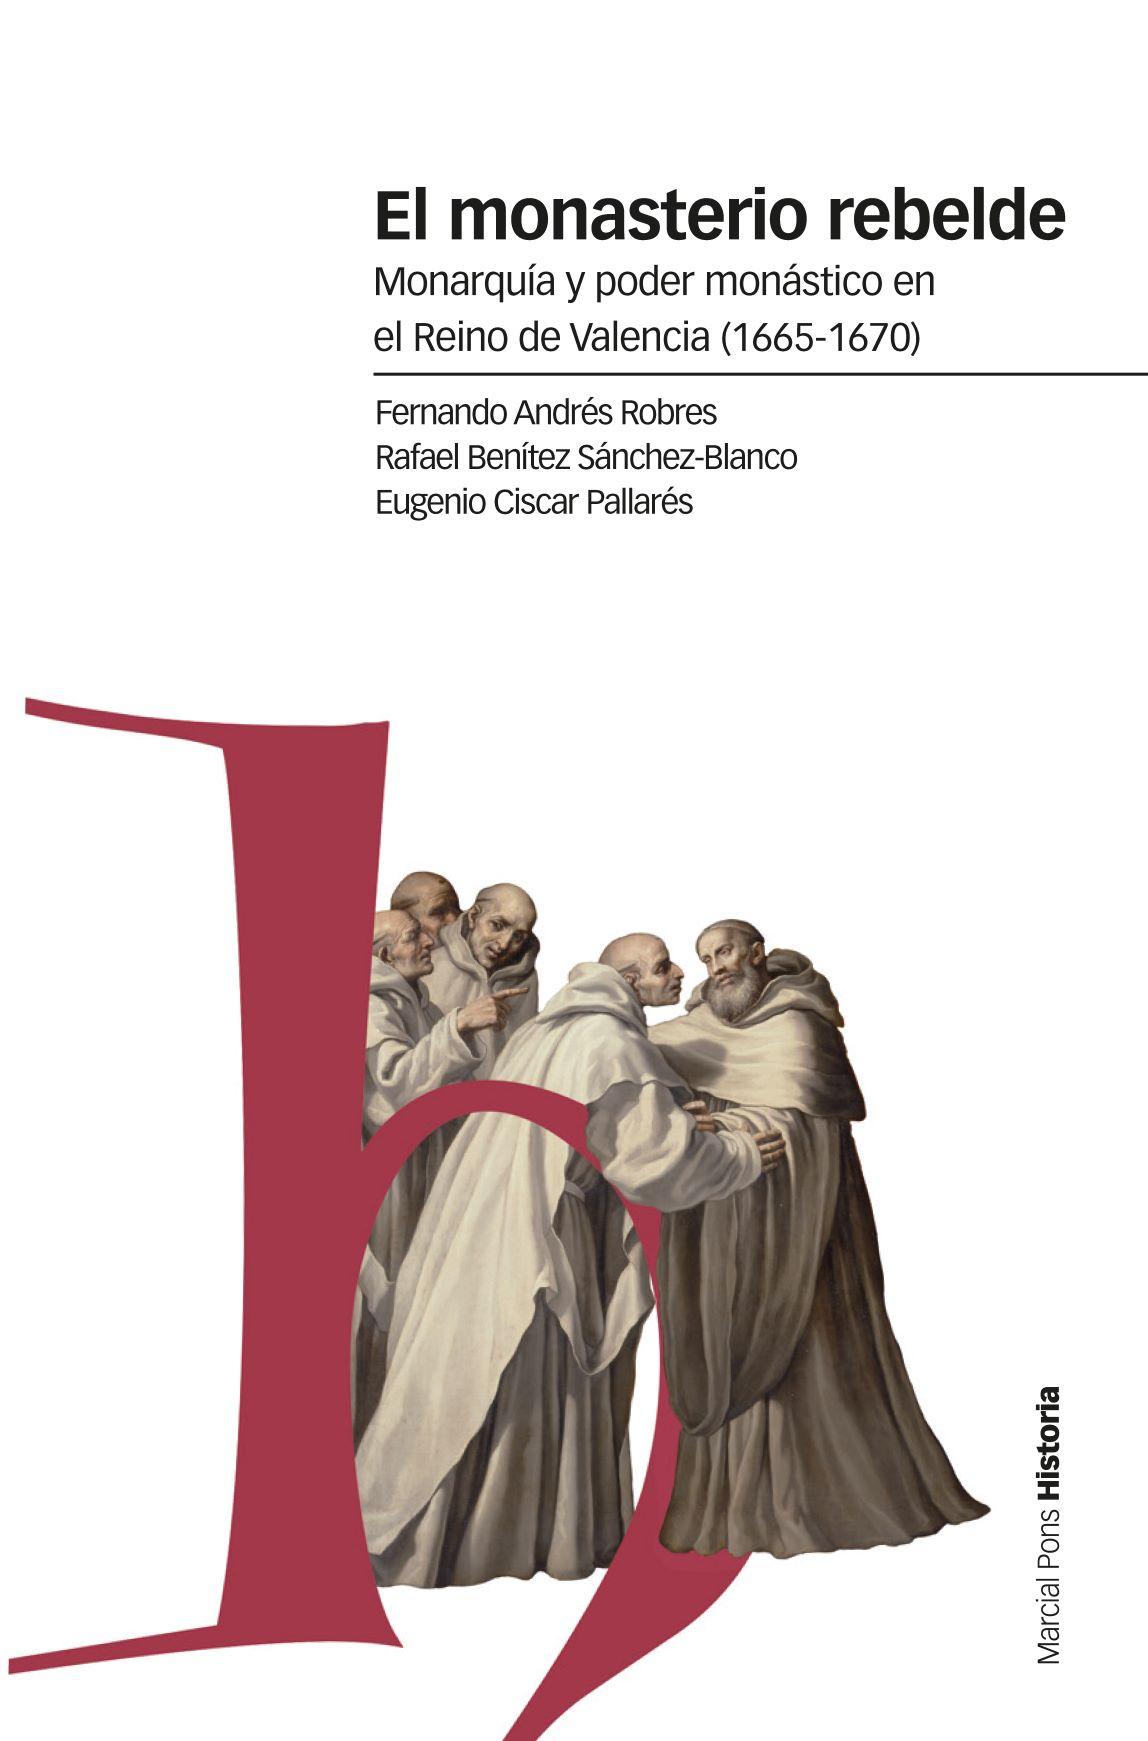 El monasterio rebelde   «Monarquía y poder monástico en el Reino de Valencia (1605-1670)»